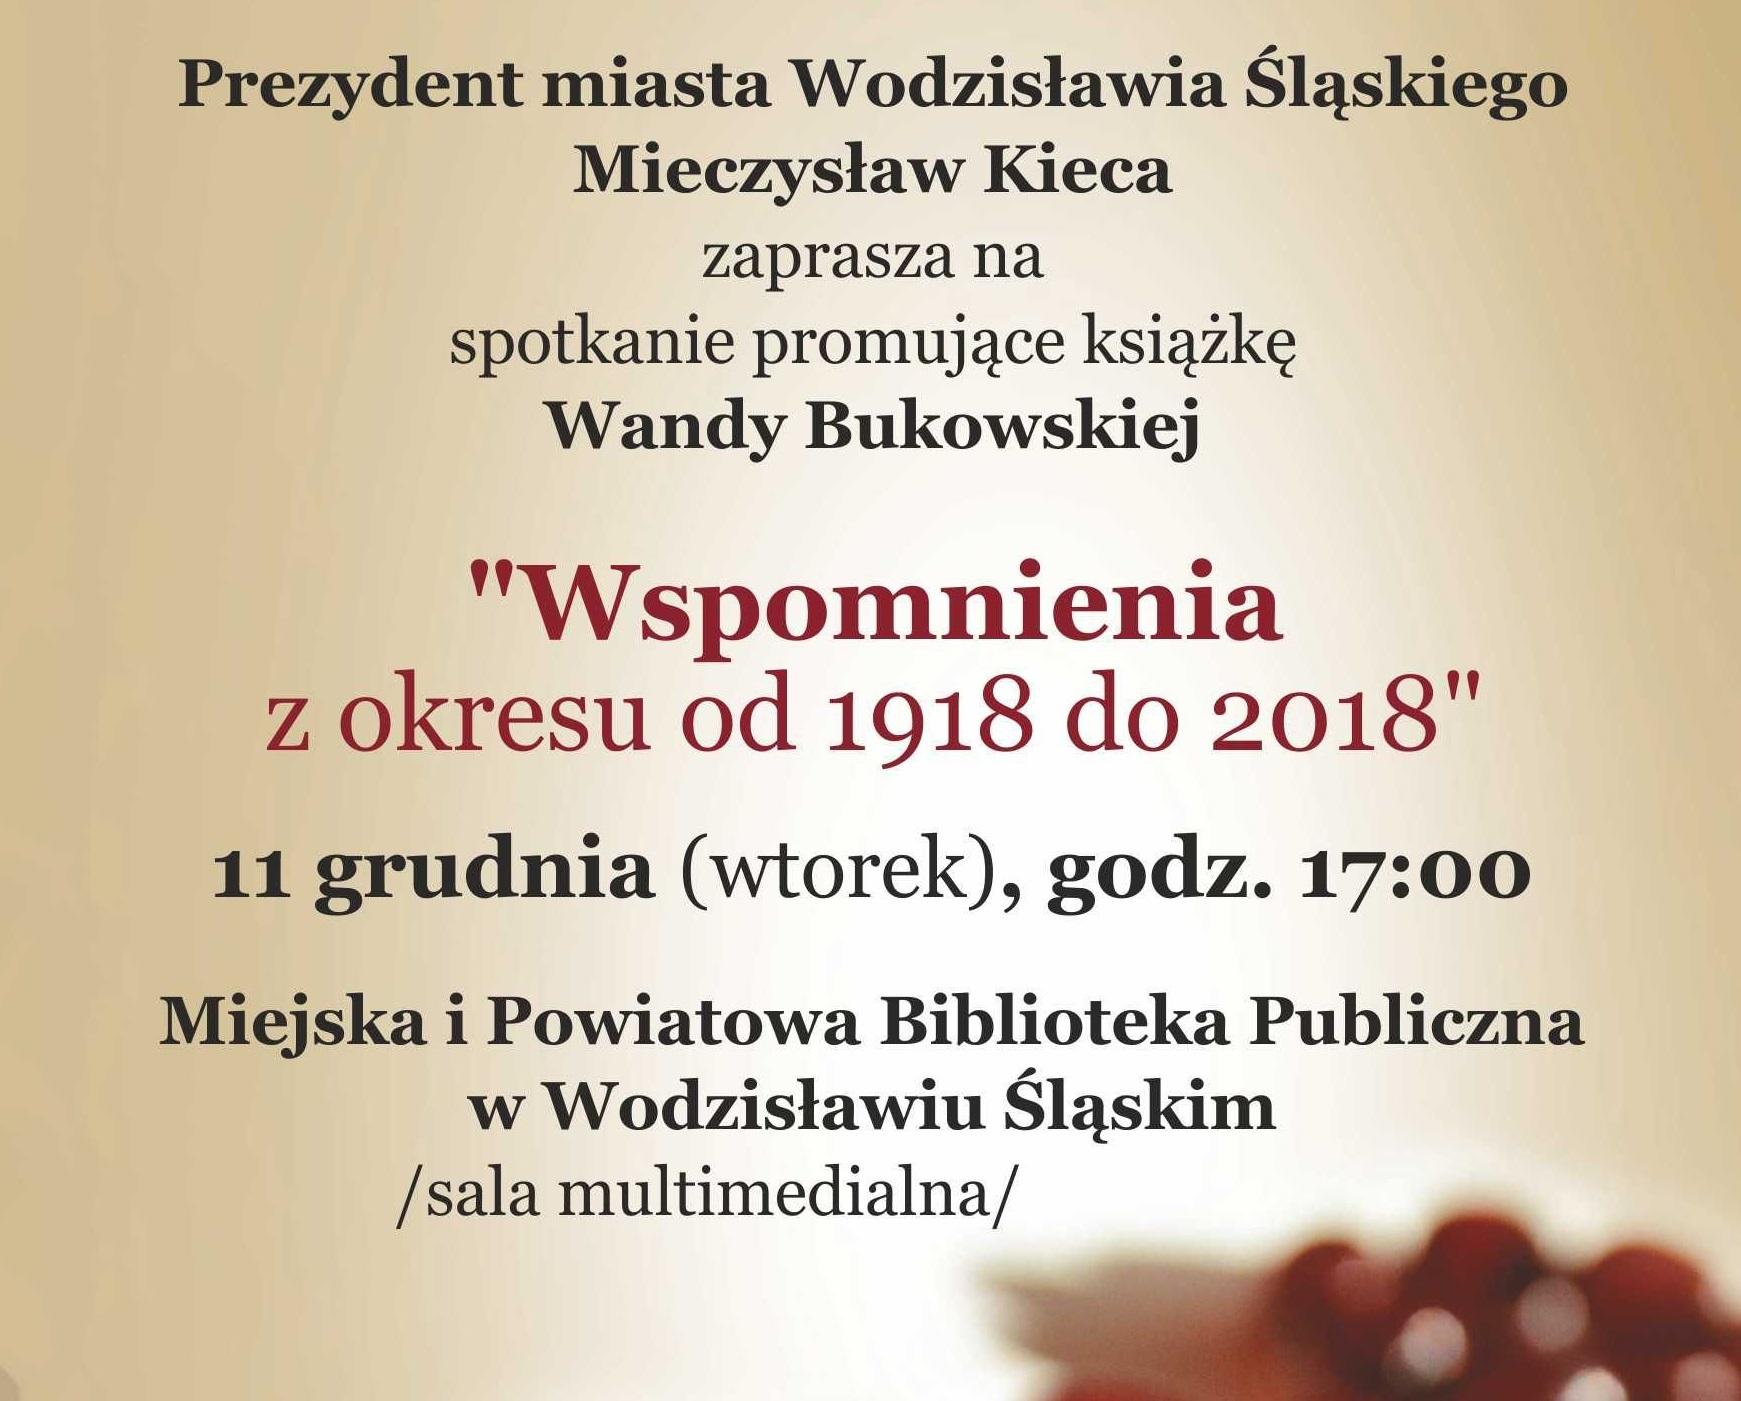 SPOTKANIE Z WANDĄ BUKOWSKĄ – 11 Grudnia 2018 Godz. 17.00